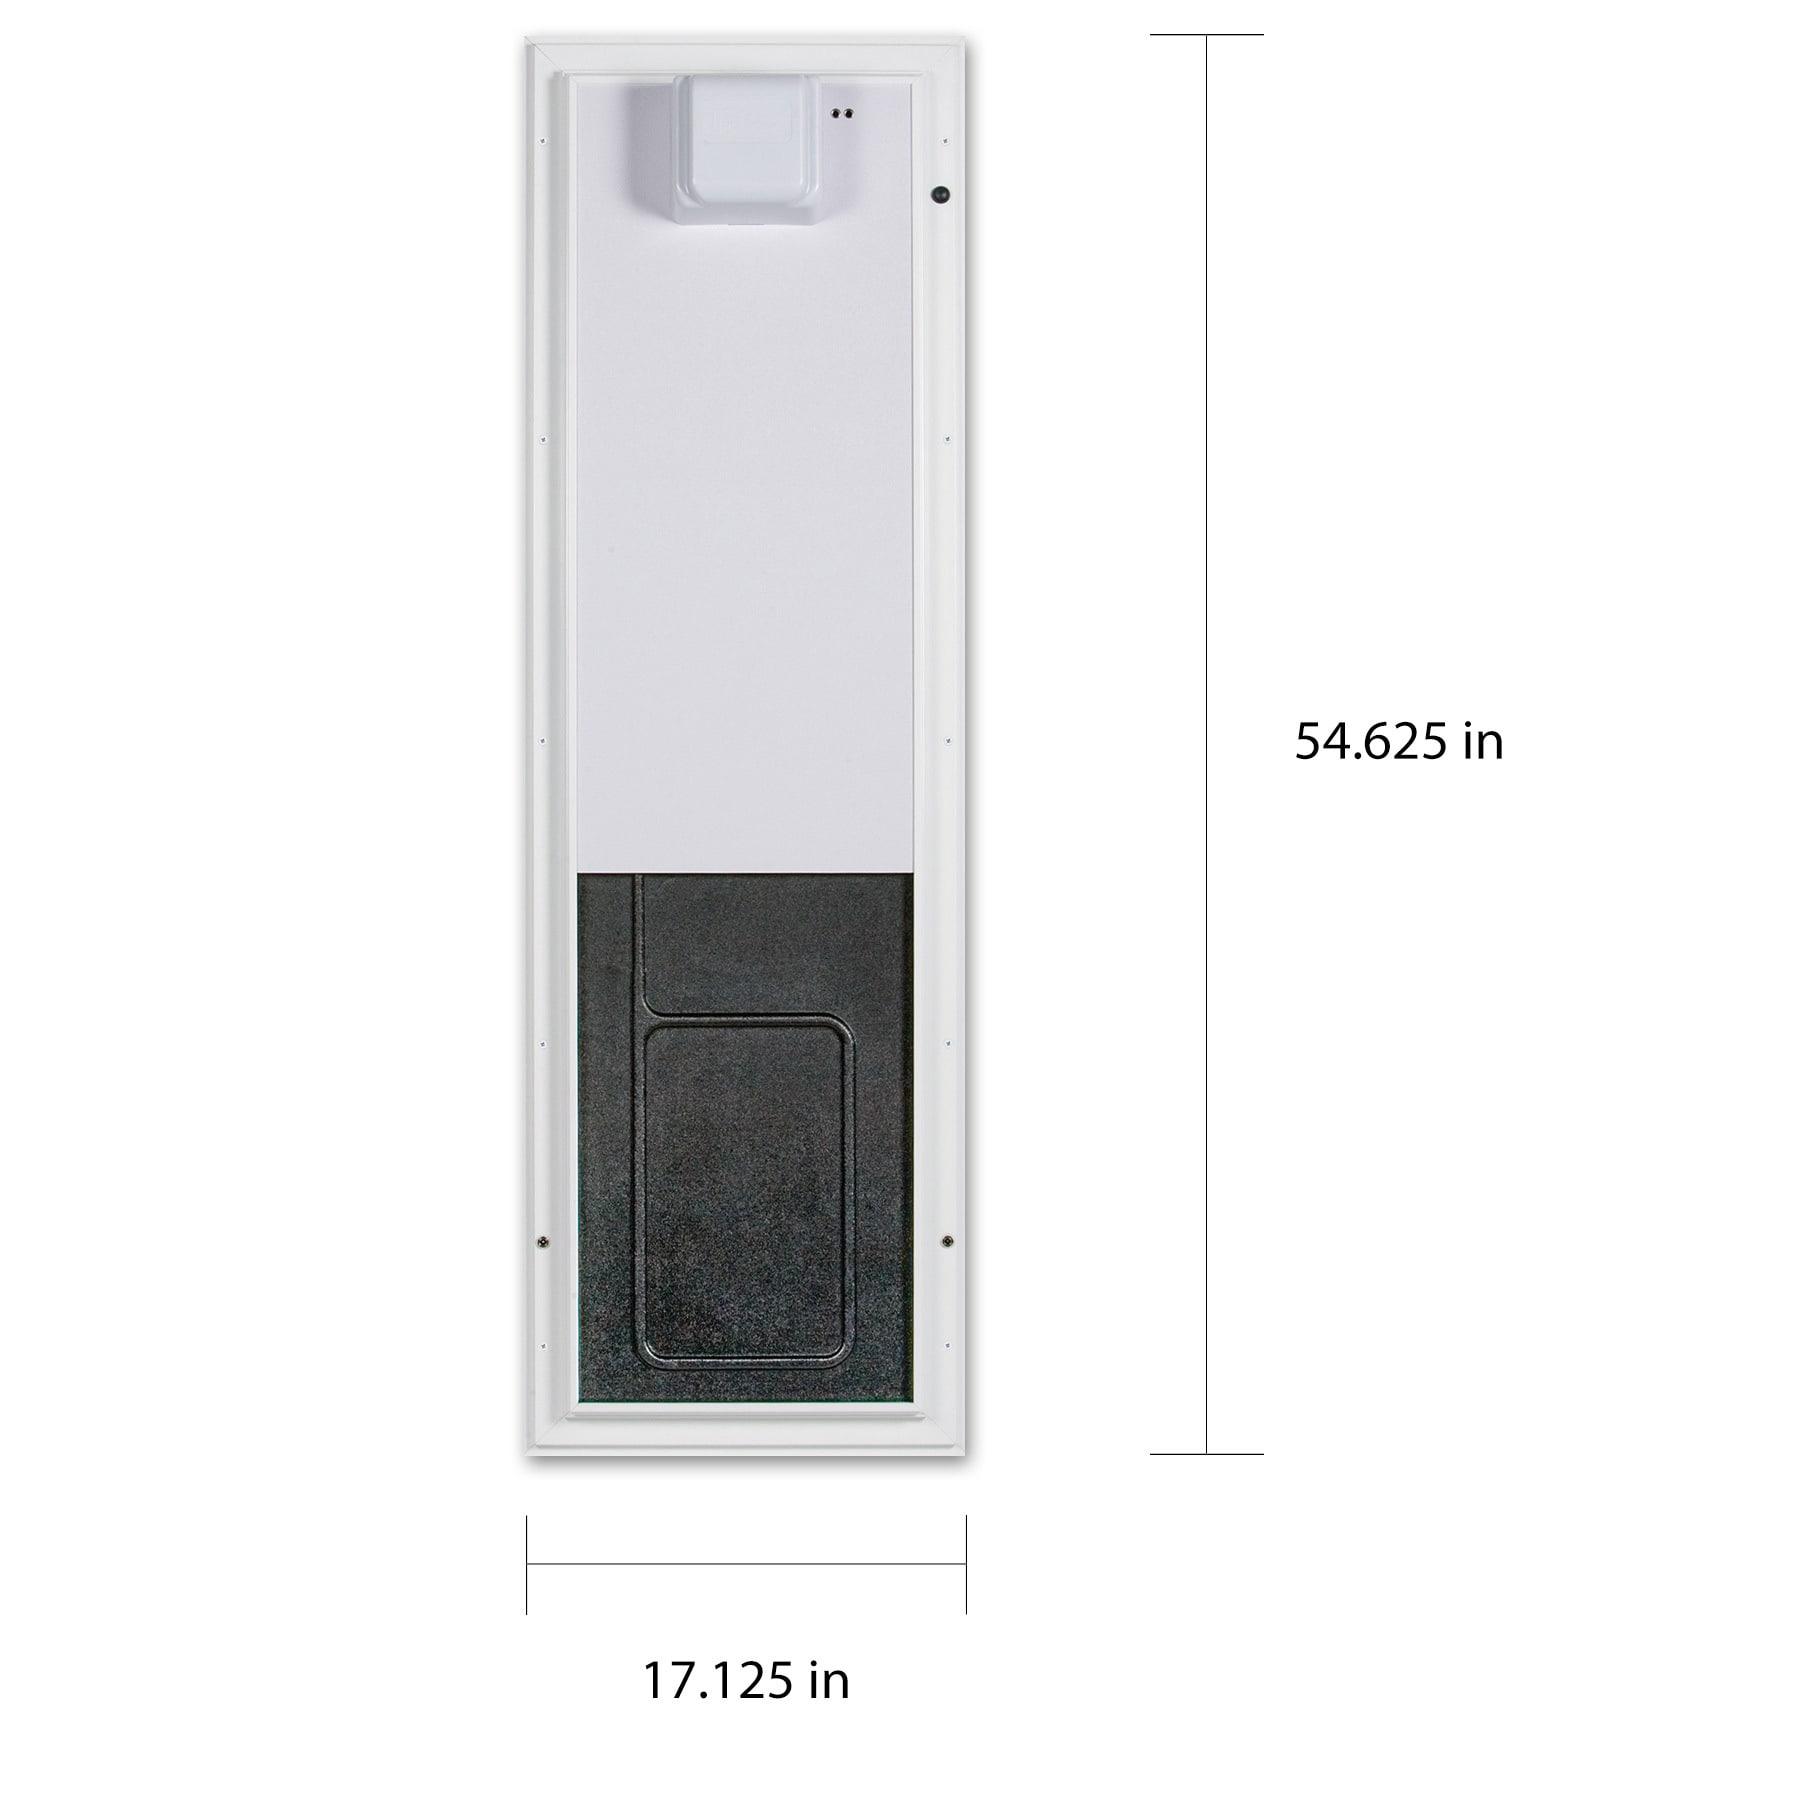 Shop Plexidor Electronic Pet Door Large Wall Mount Free Shipping